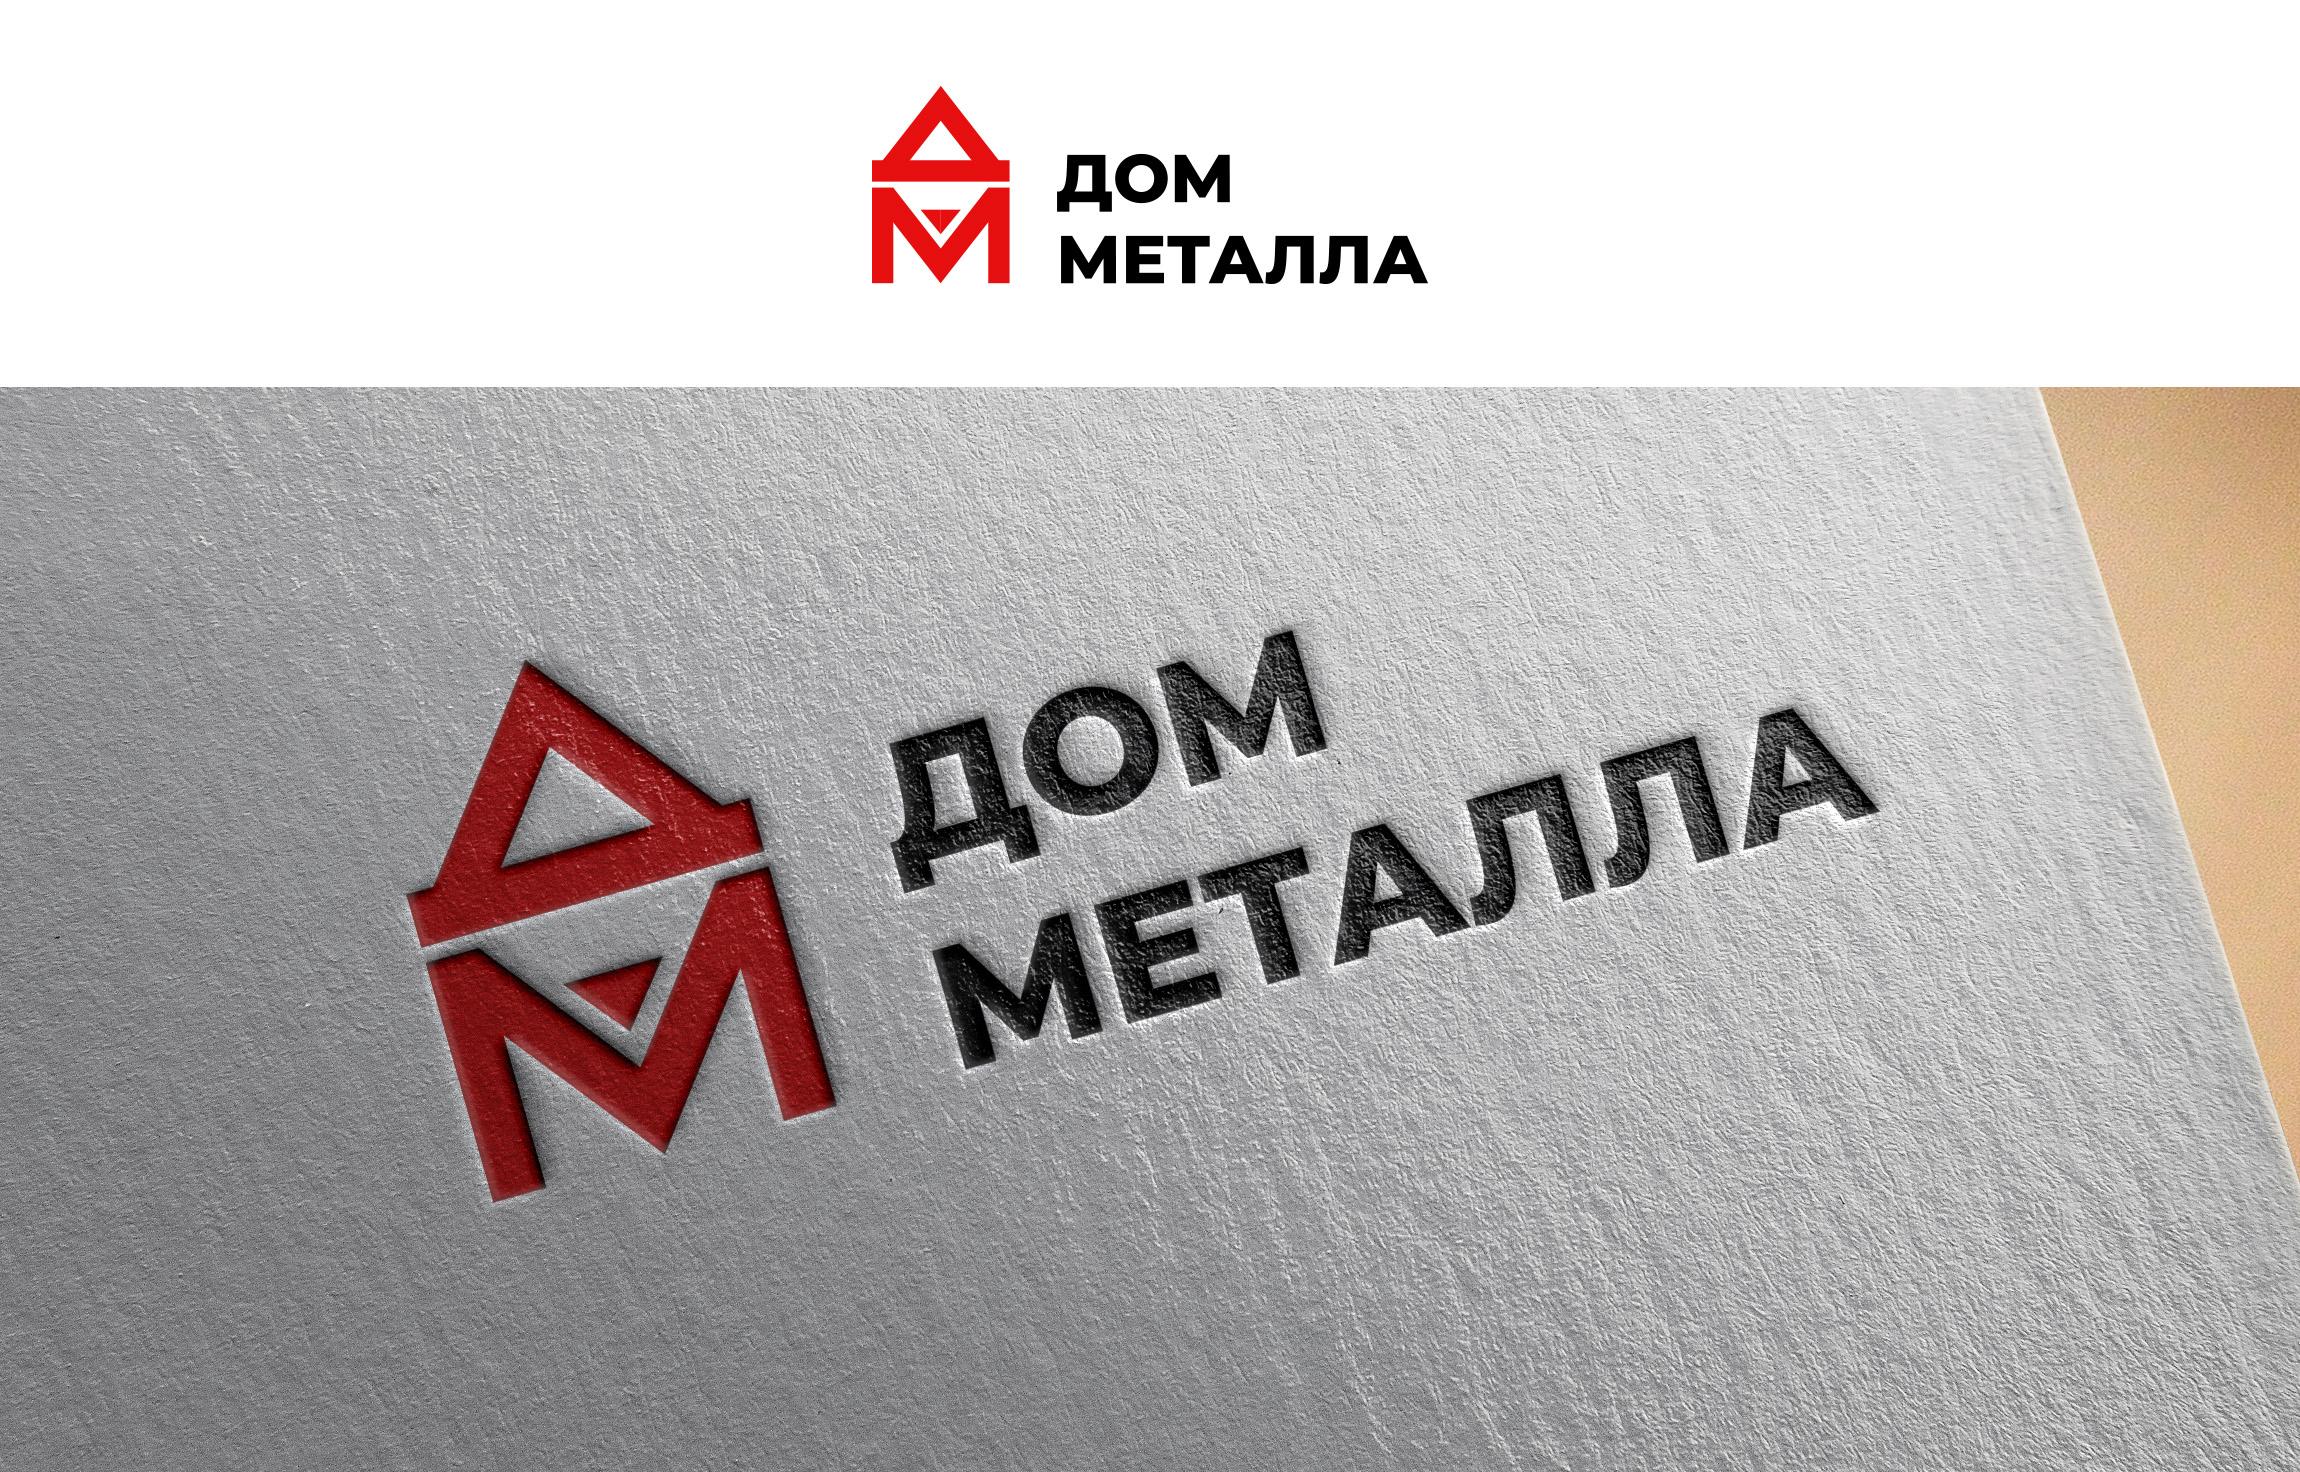 Разработка логотипа фото f_9205c5ac22529f20.jpg